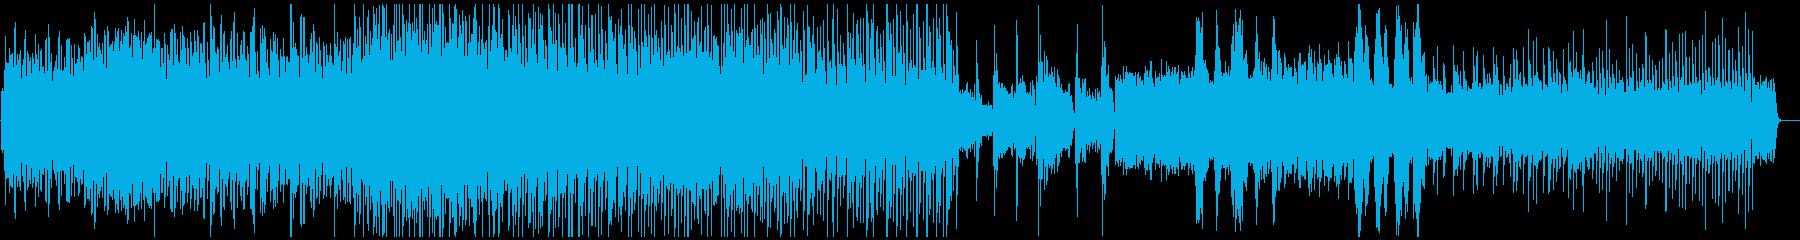 暗く切ないBGMの再生済みの波形